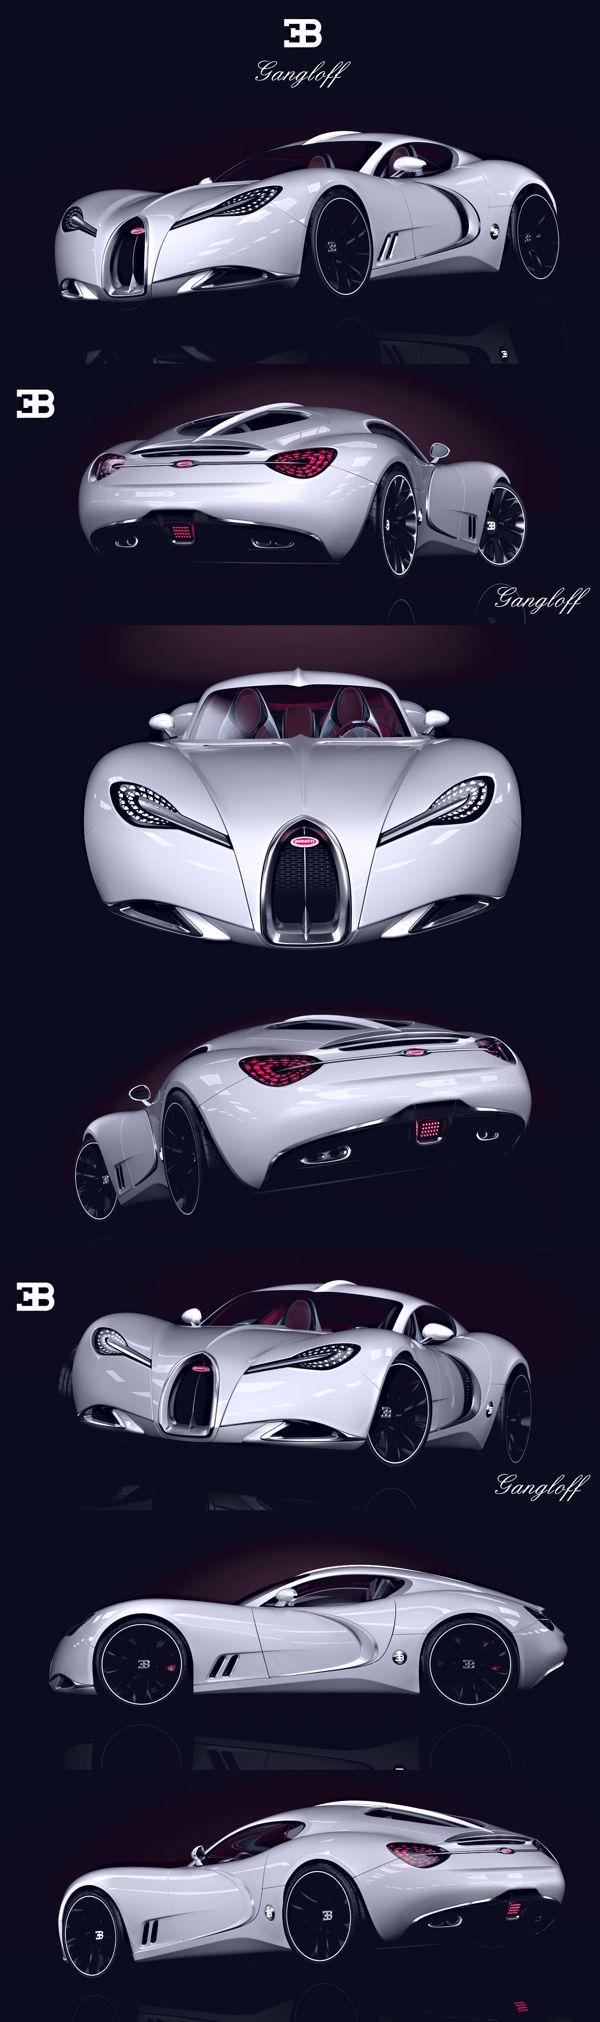 BUGATTI   GANGLOFF   CONCEPT CAR , INVISIUM by Paweł Czyżewski, via Behance